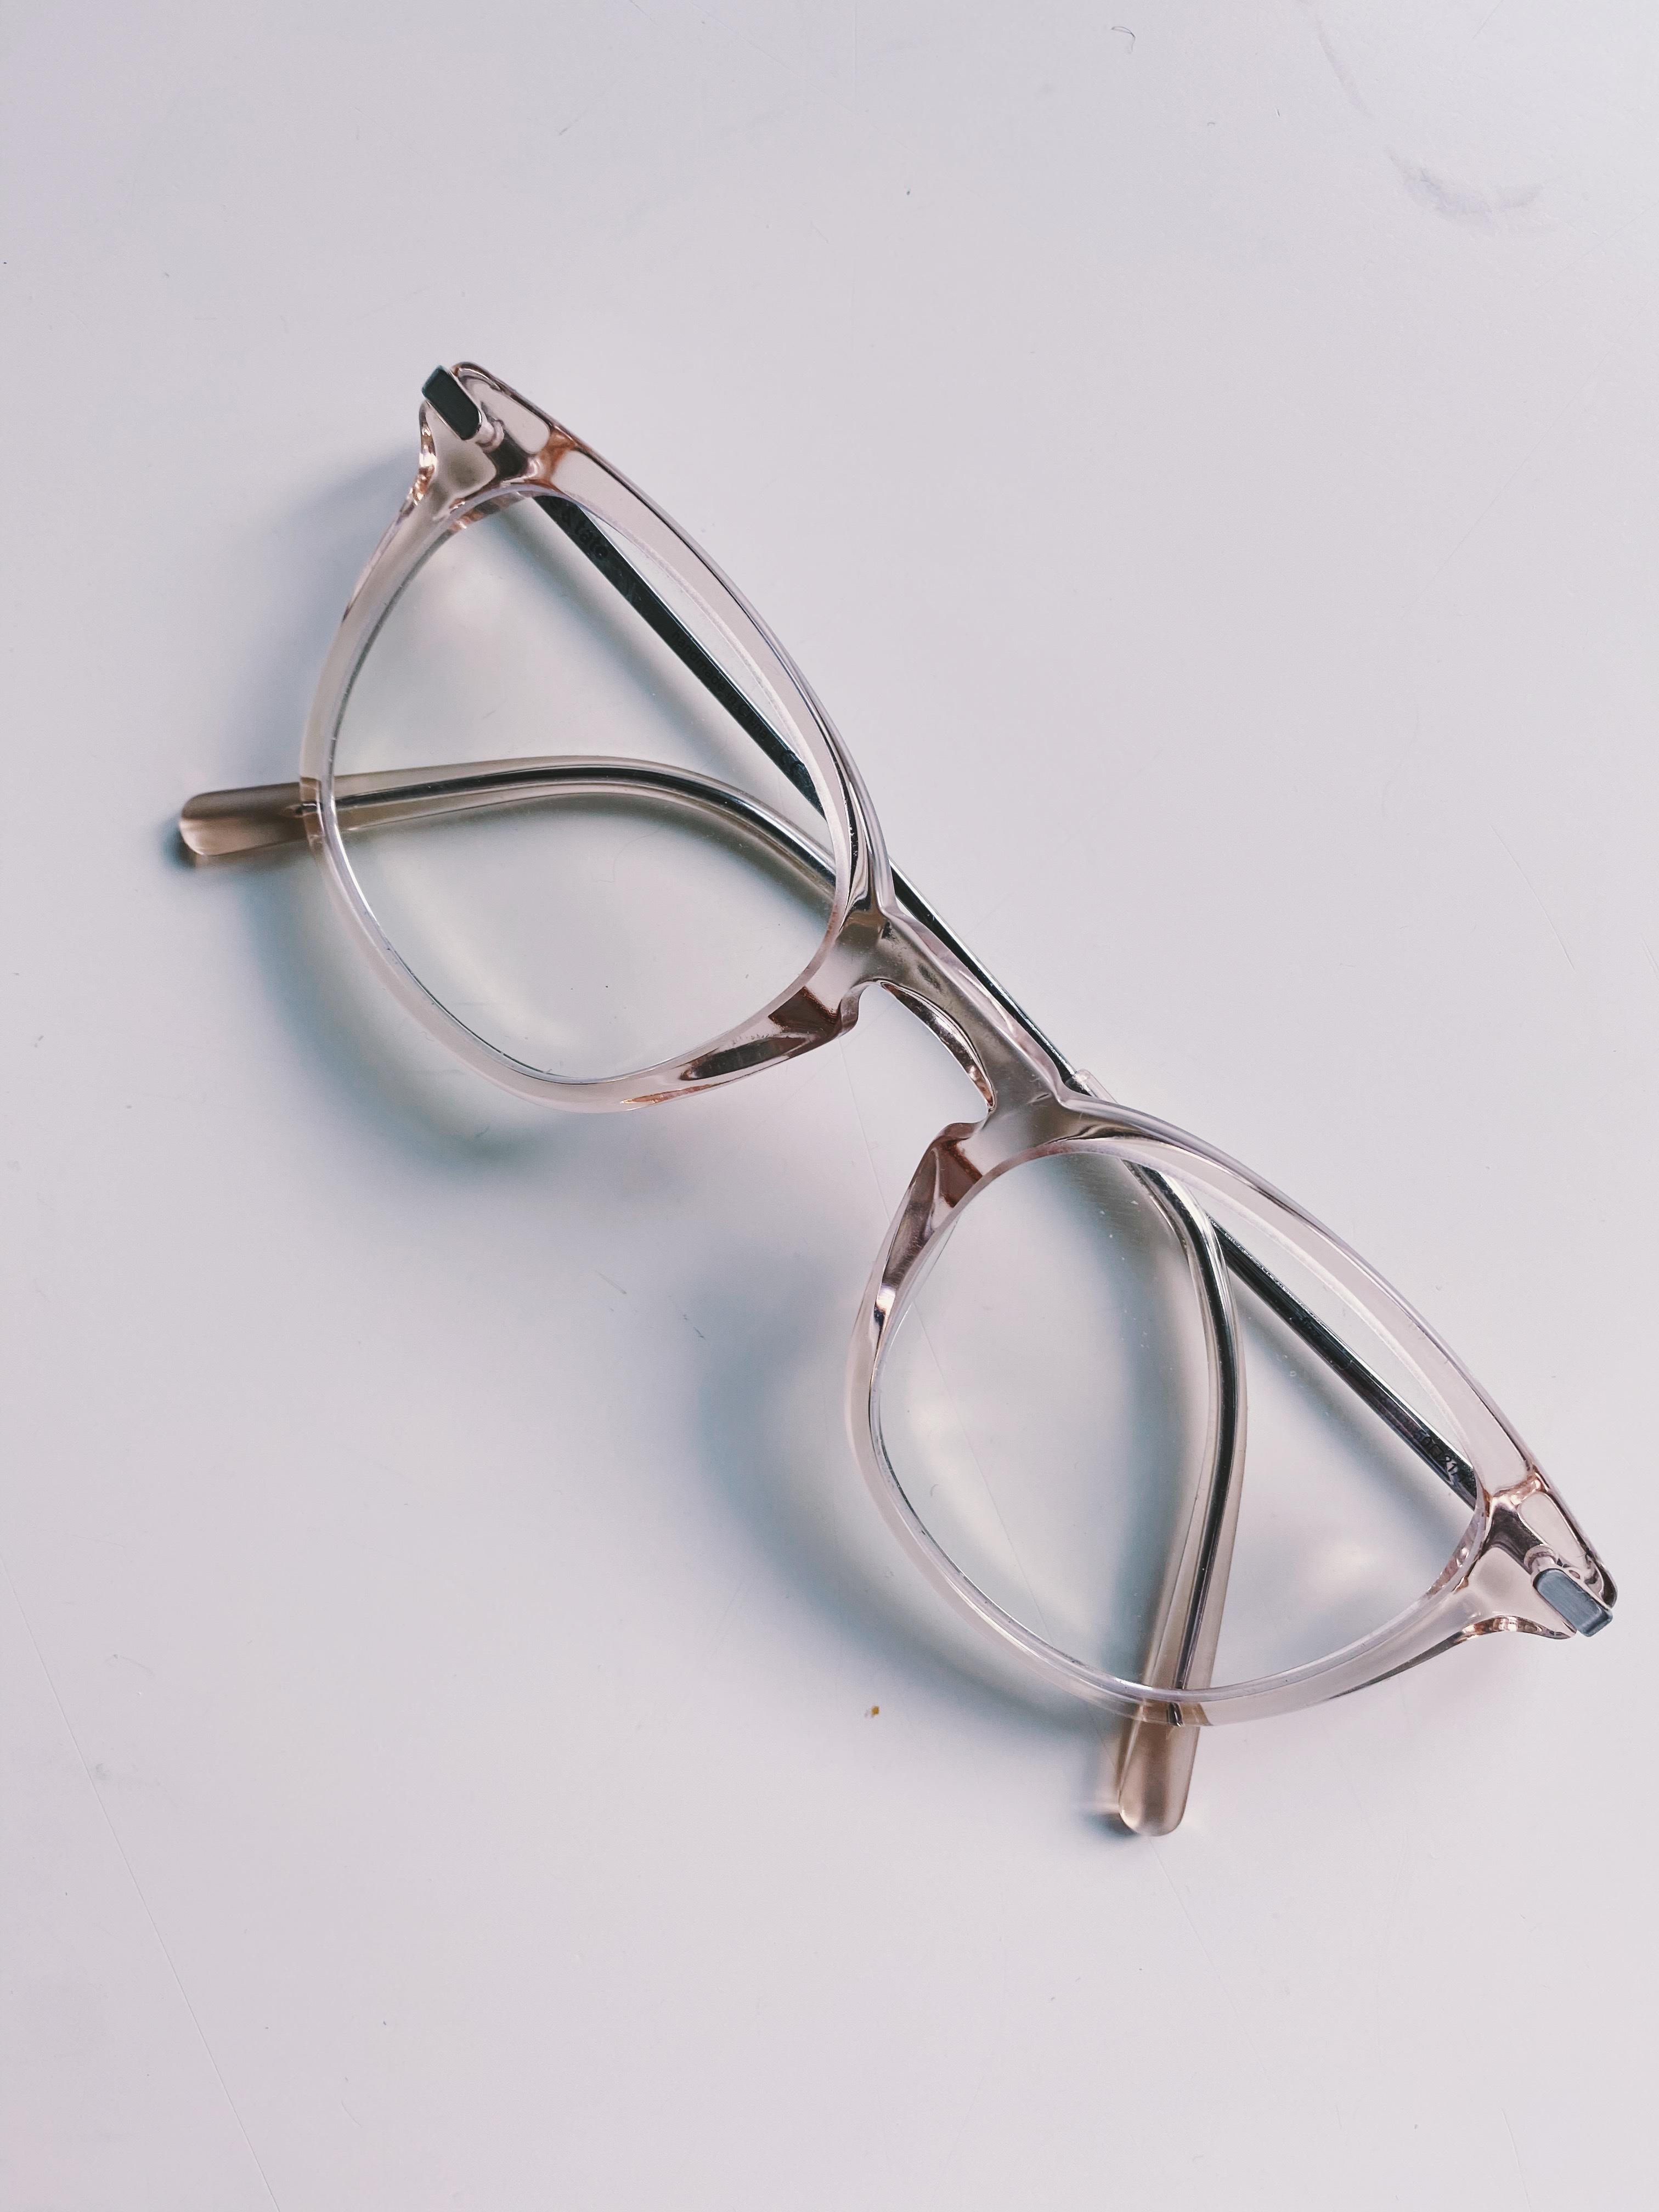 Blue Lense Glasses